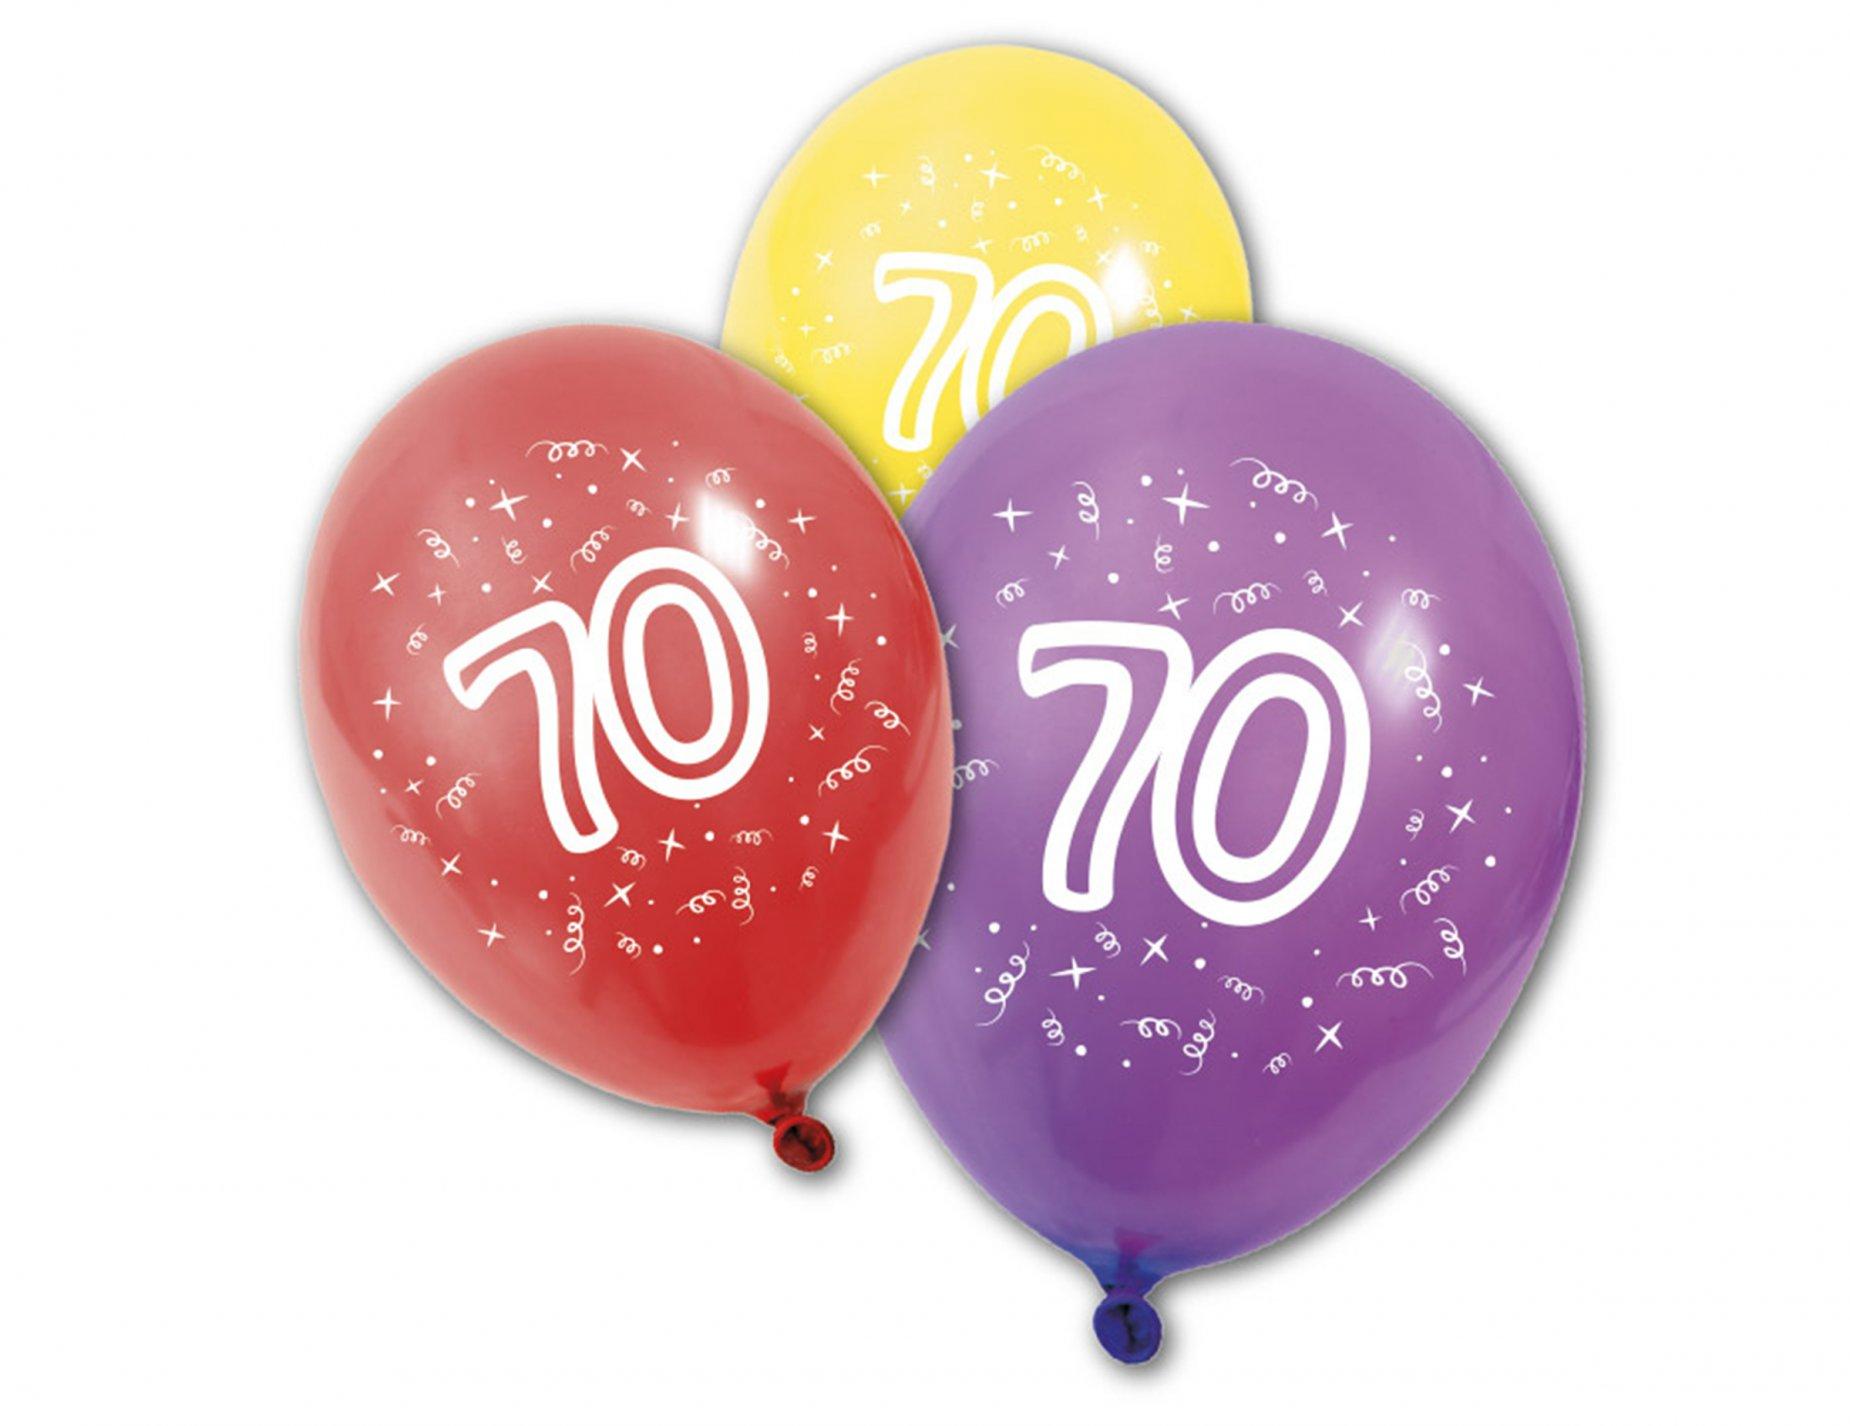 8 ballons en latex anniversaire 70 ans d coration for Deco annee 70 pour anniversaire